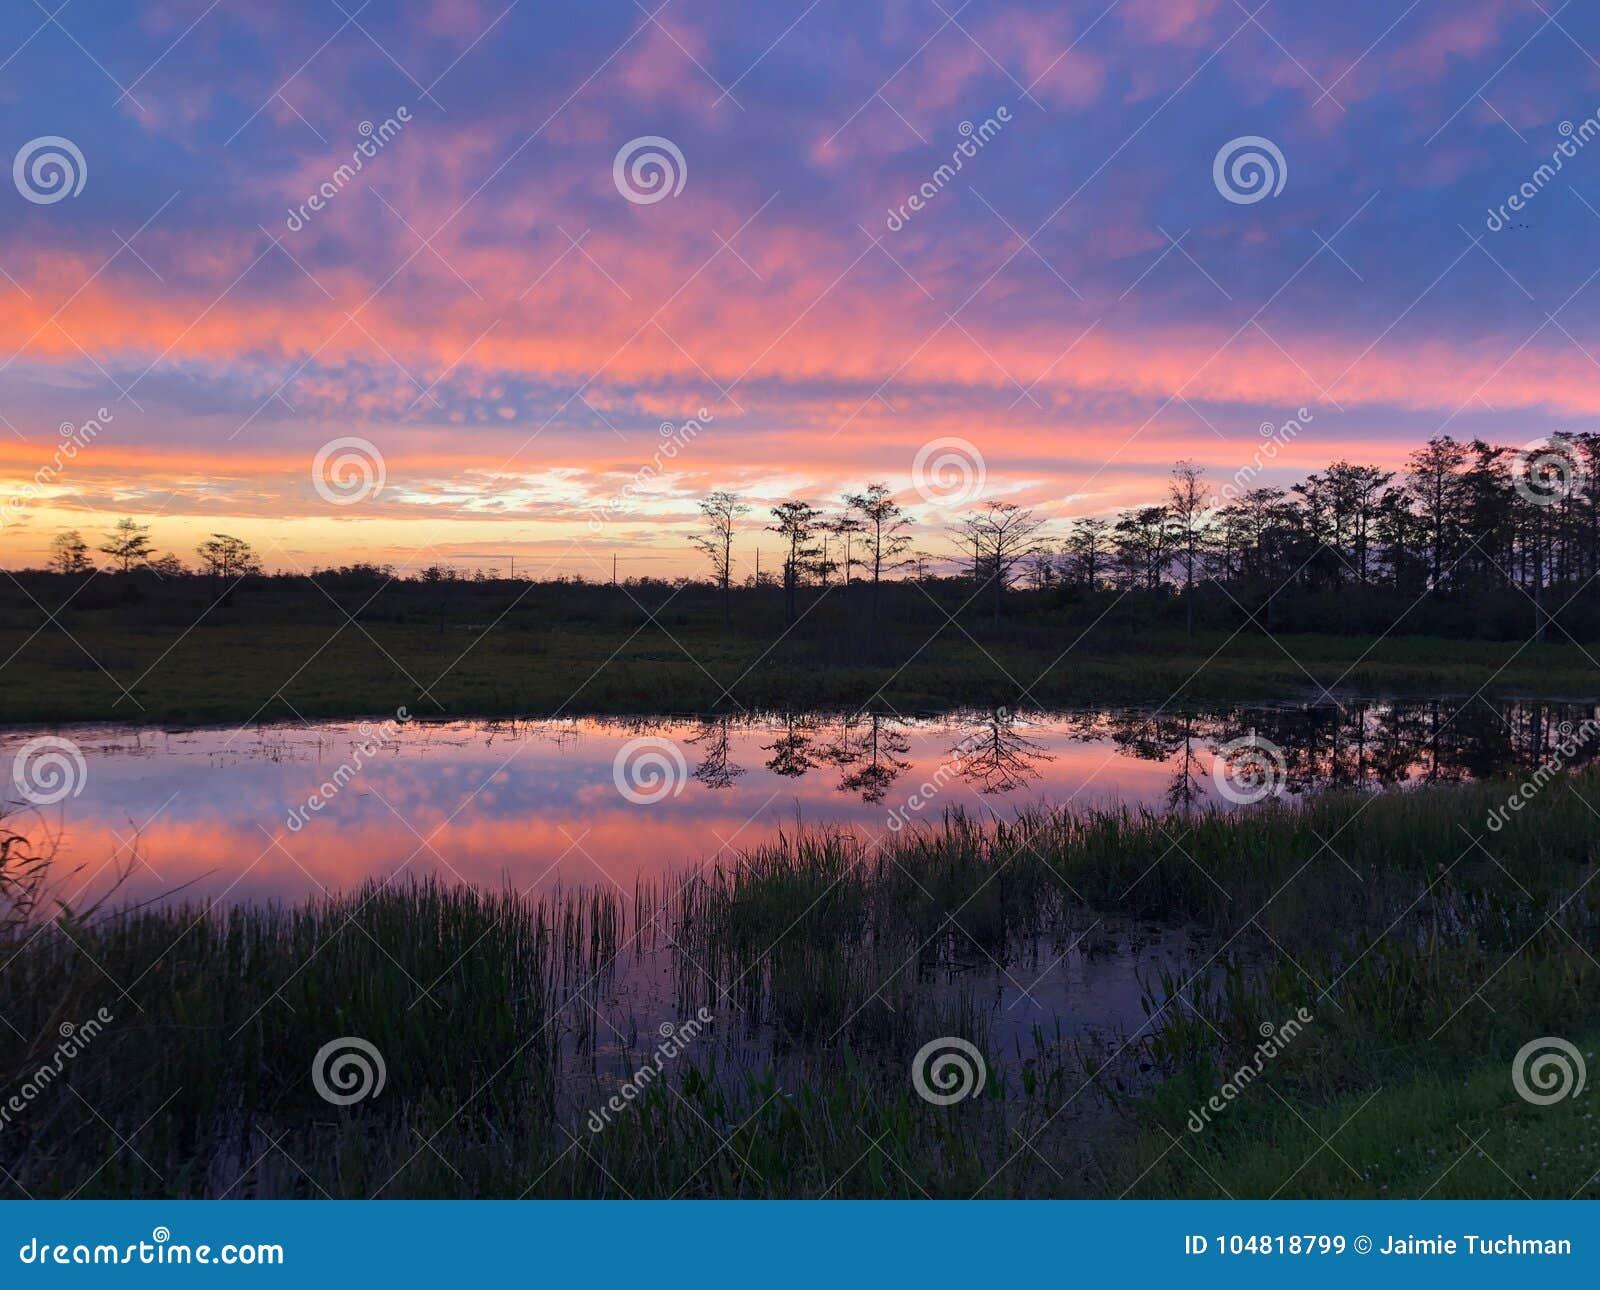 неоновый заход солнца в поле и 2 деревьях